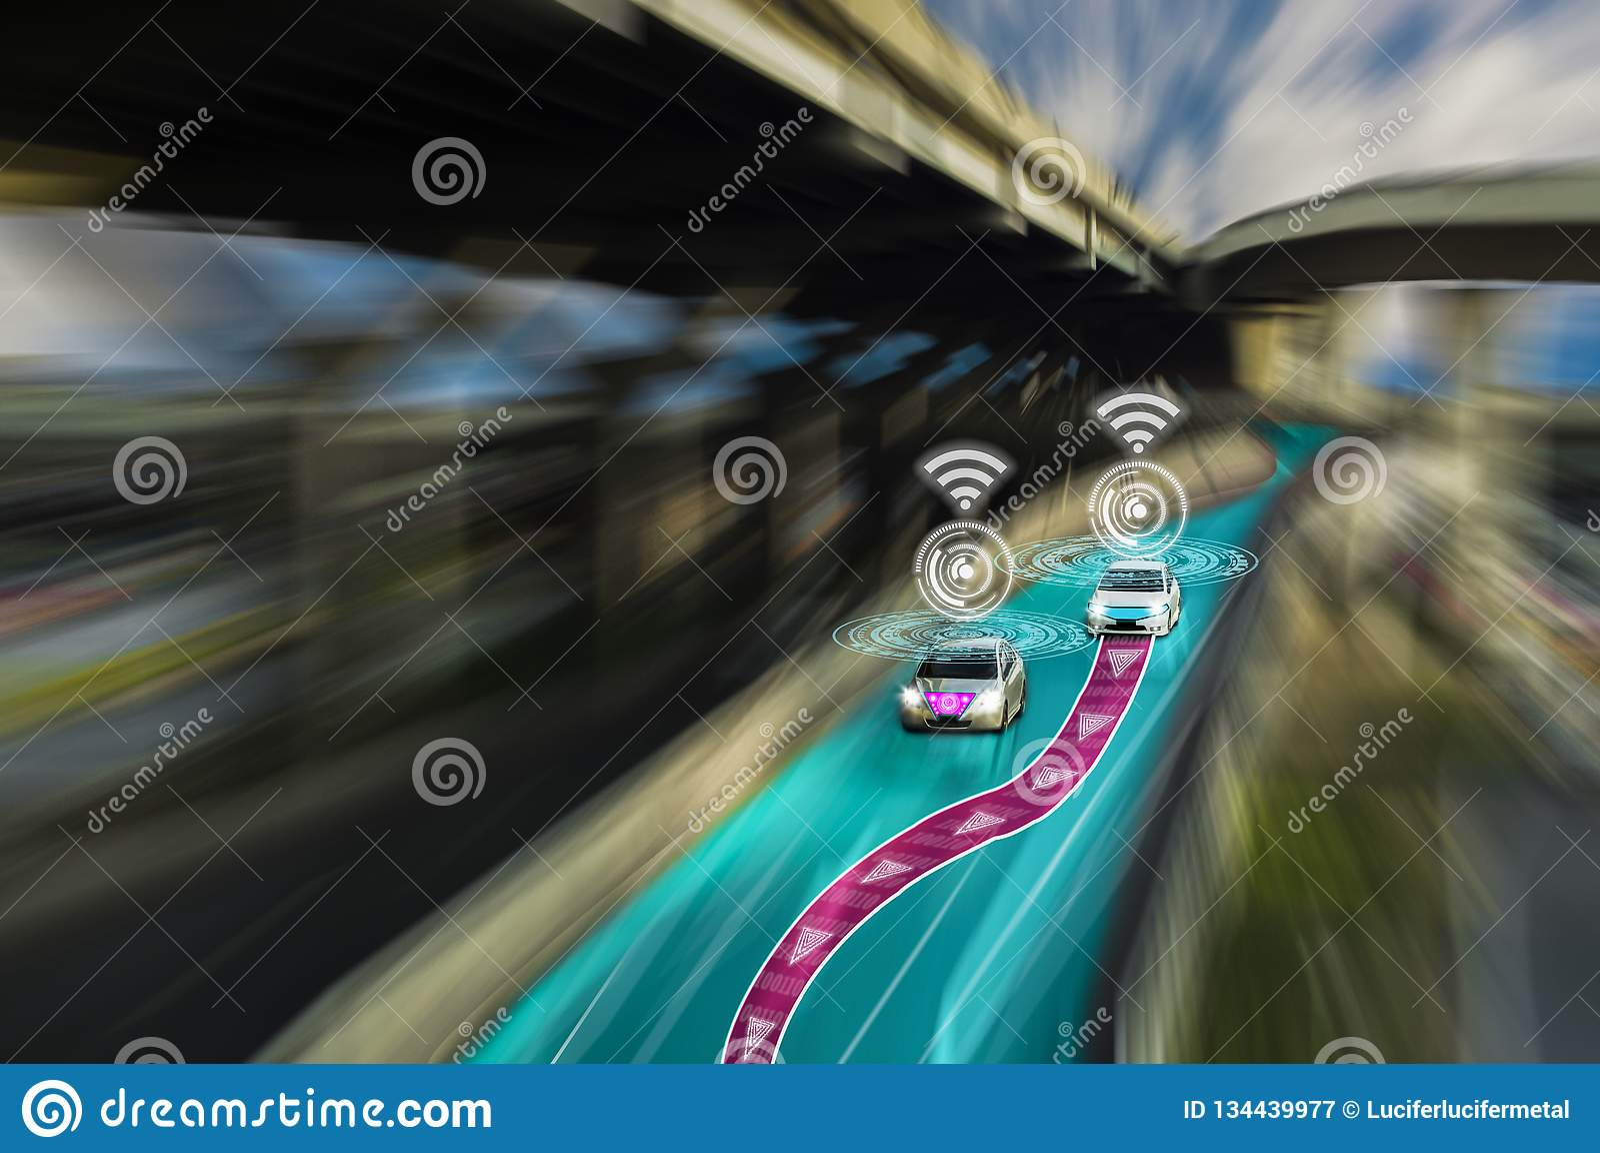 Futuristic Road Of Genius For Intelligent Self Driving Cars